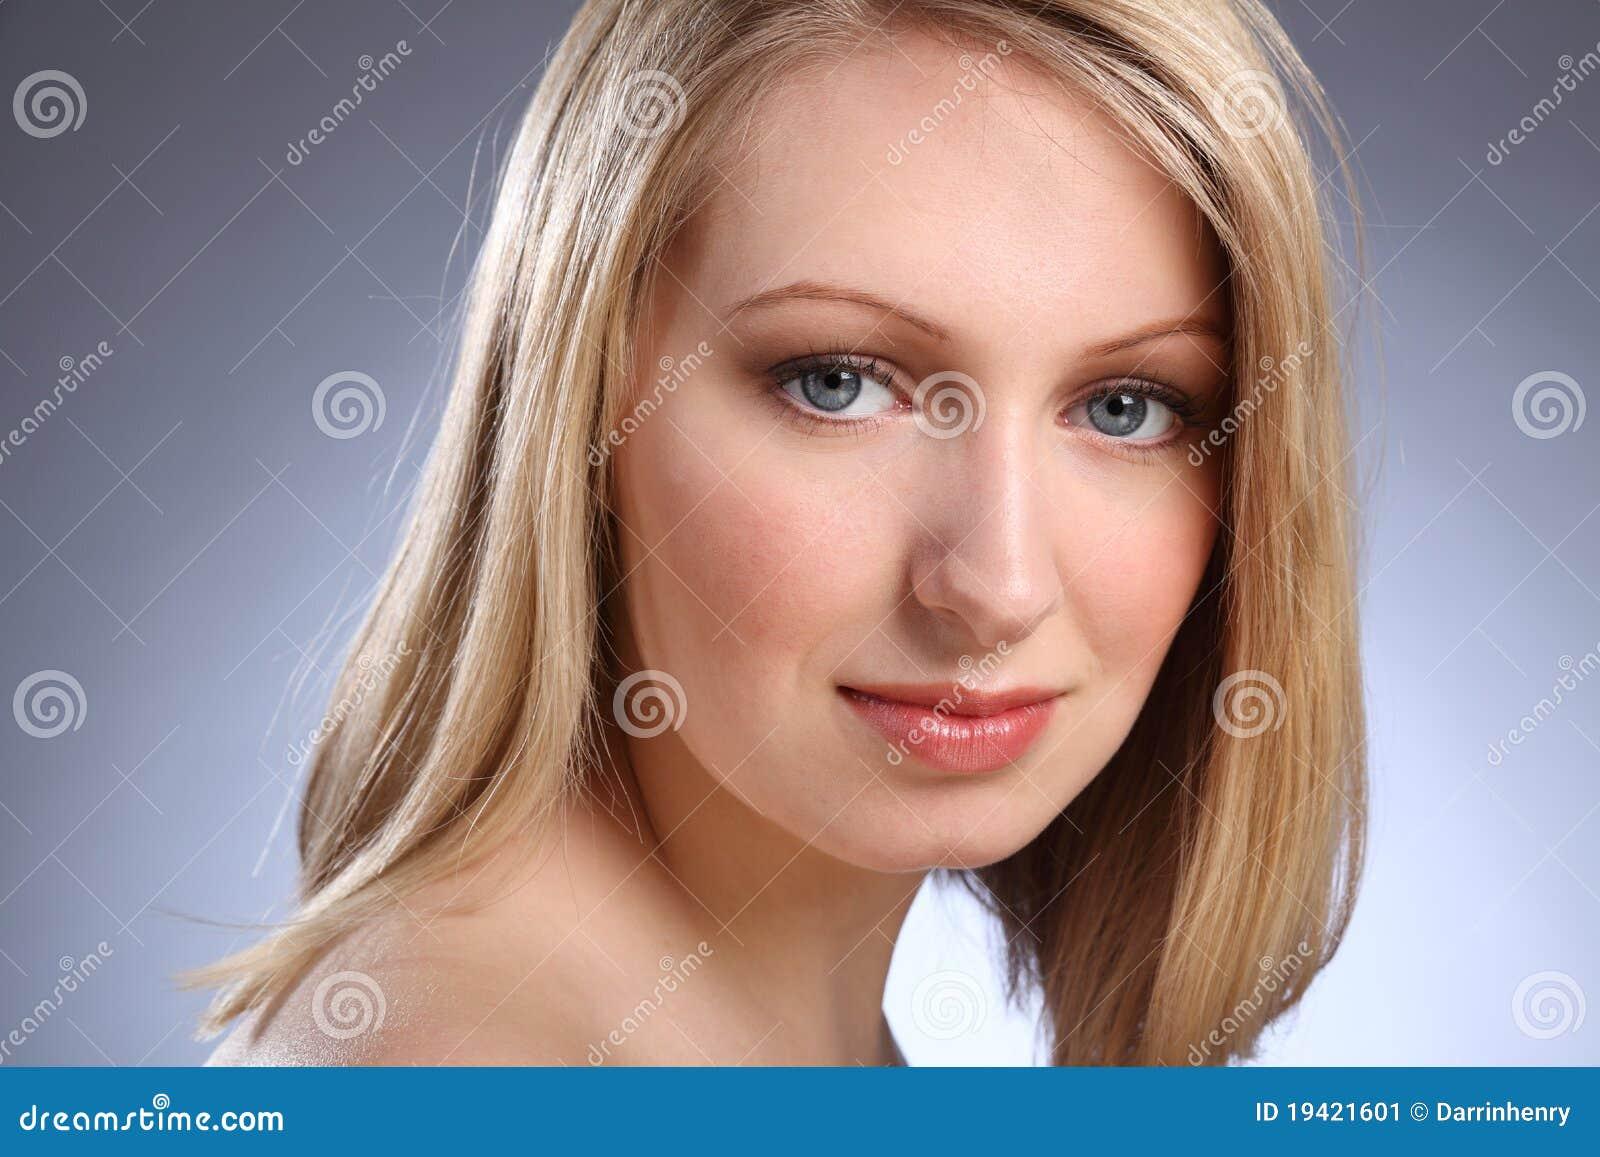 Las 10 famosas con los ojos ms bellos del mundo